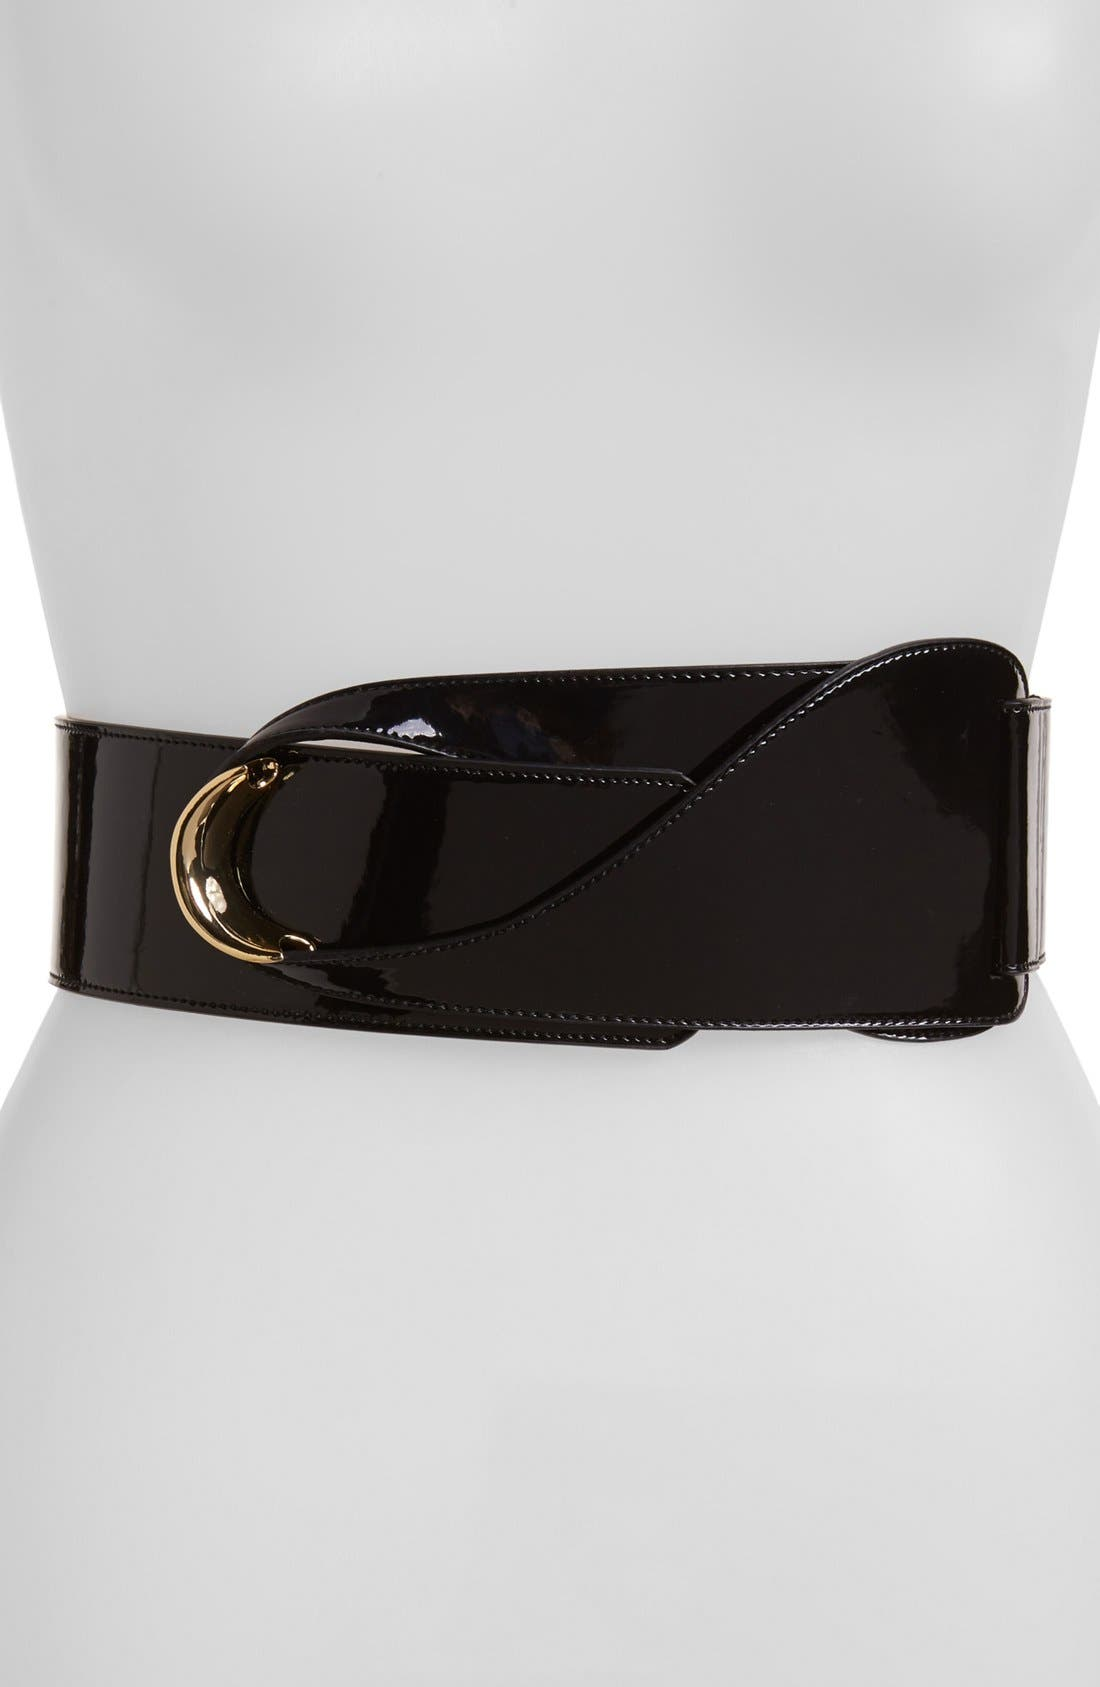 Main Image - Lauren Ralph Lauren Patent Leather Belt